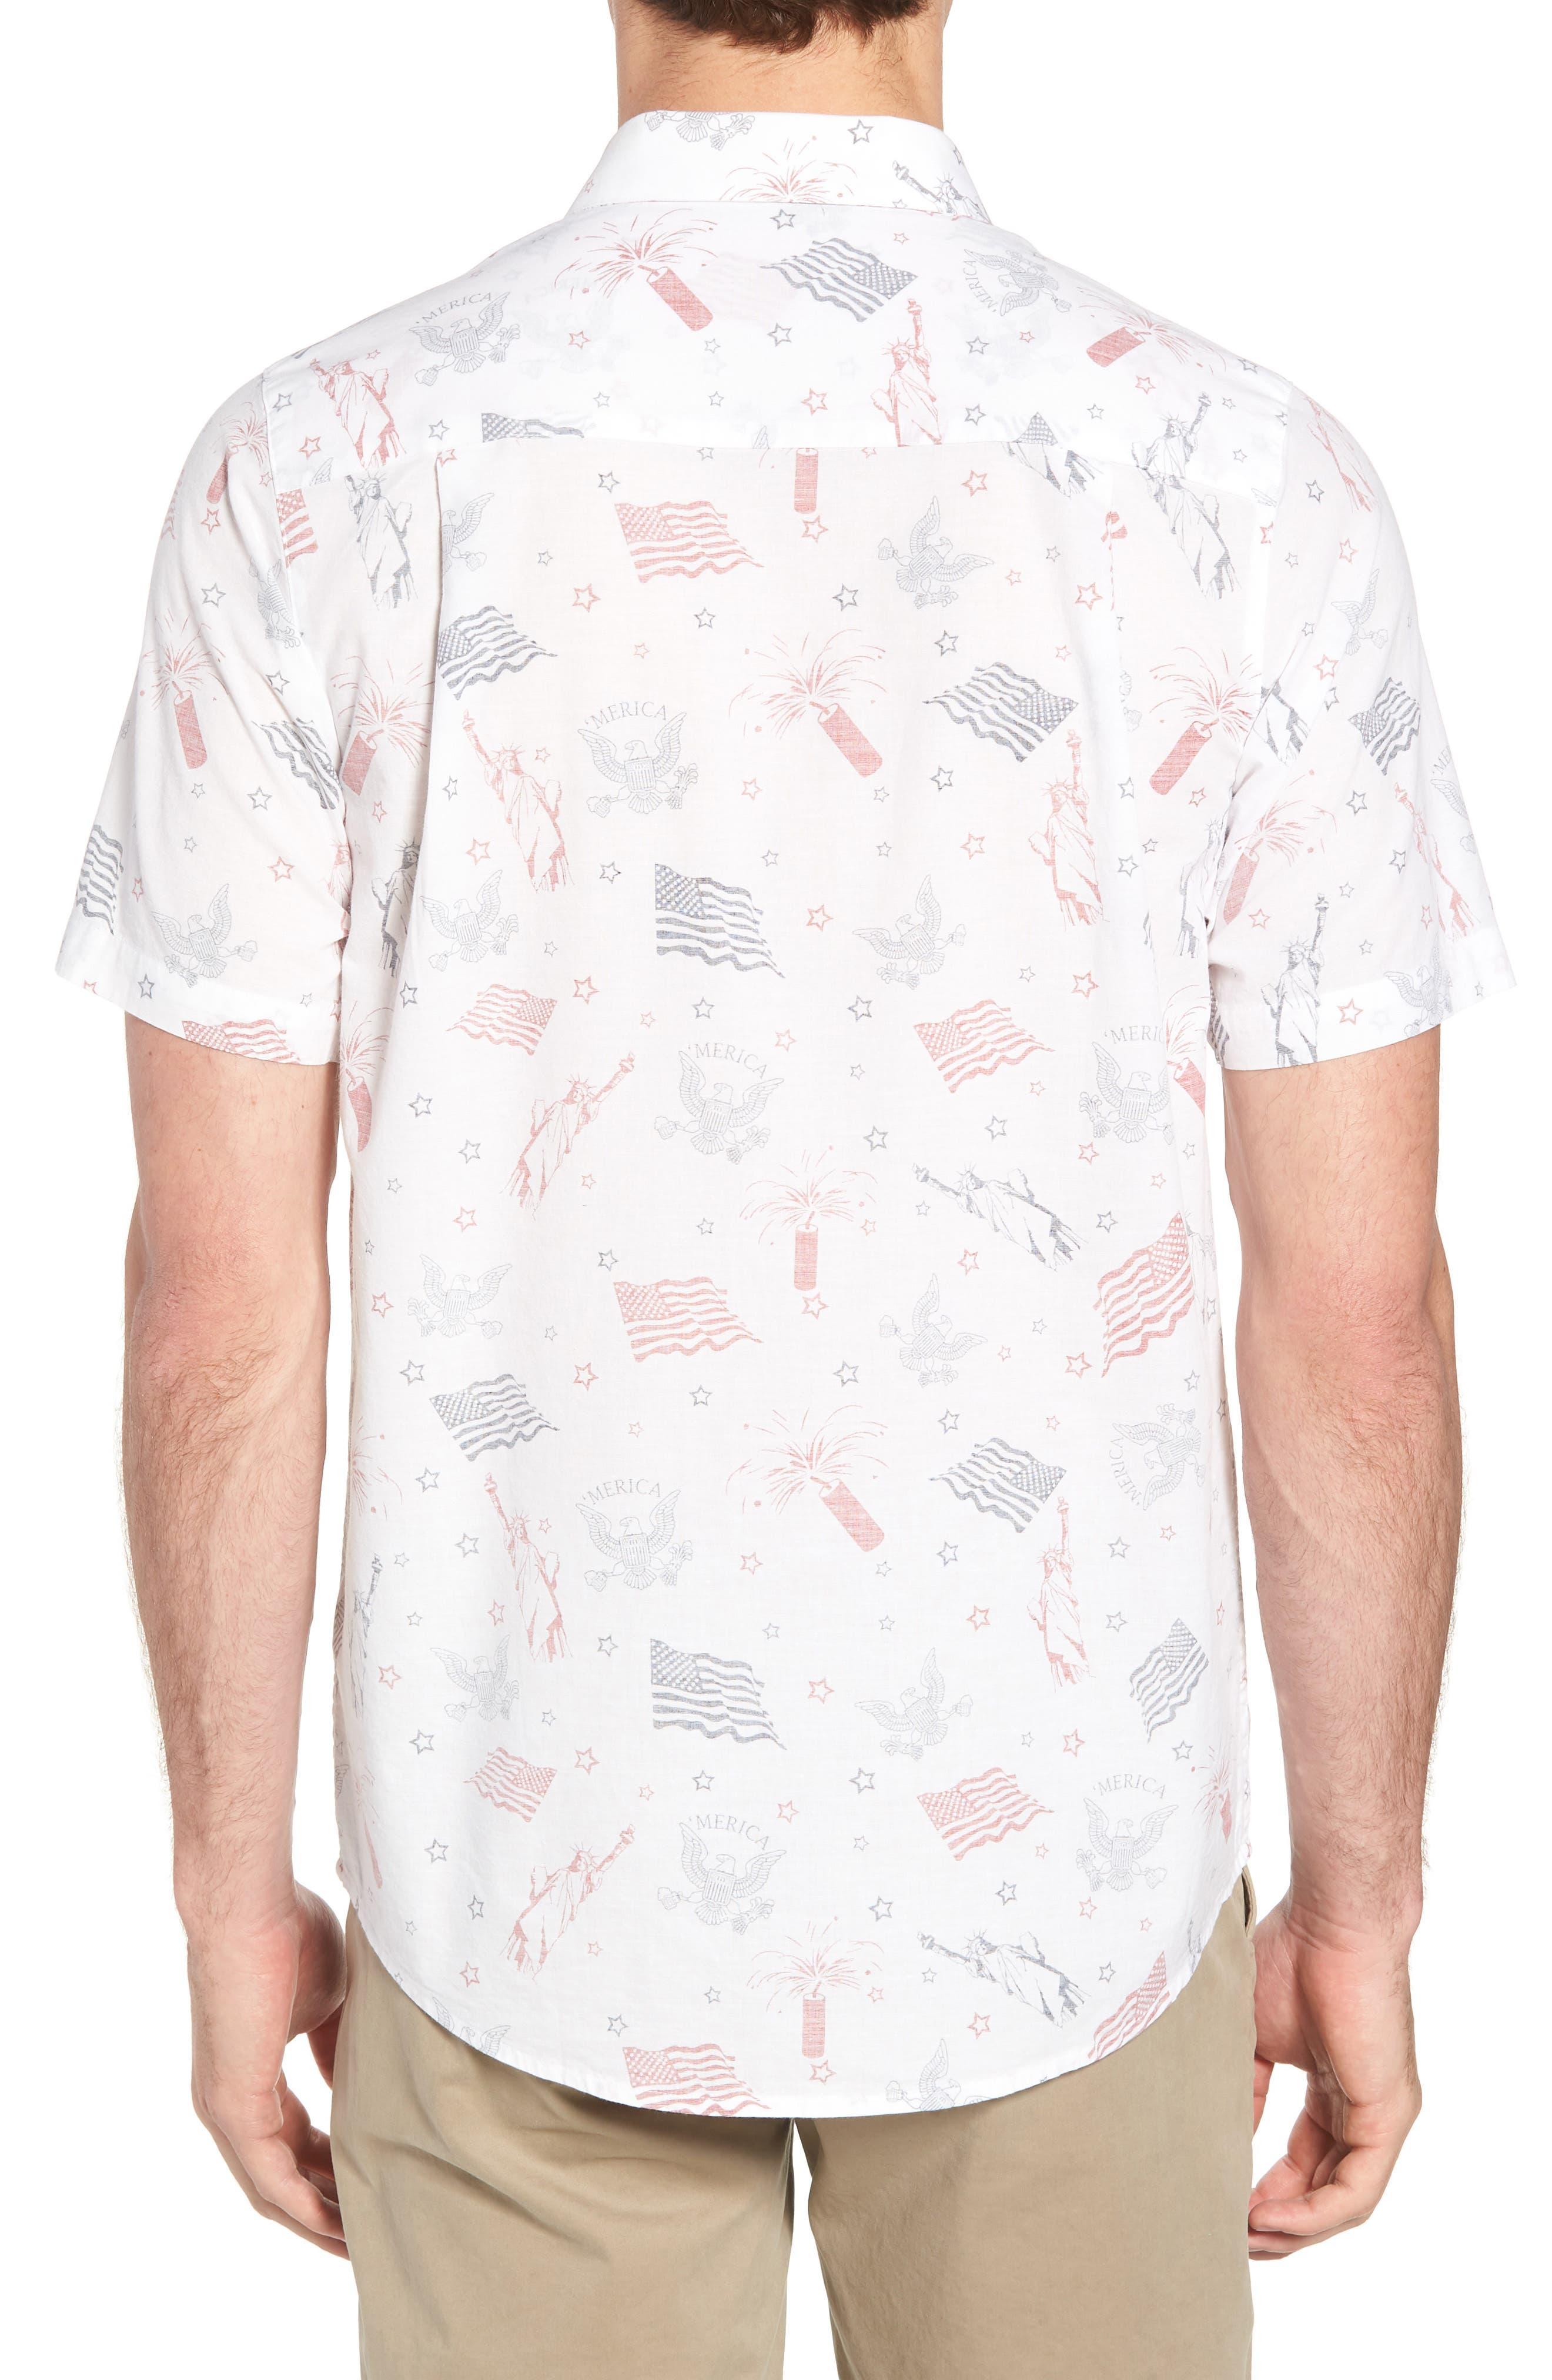 Black Cat Regular Fit Short Sleeve Sport Shirt,                             Alternate thumbnail 3, color,                             White